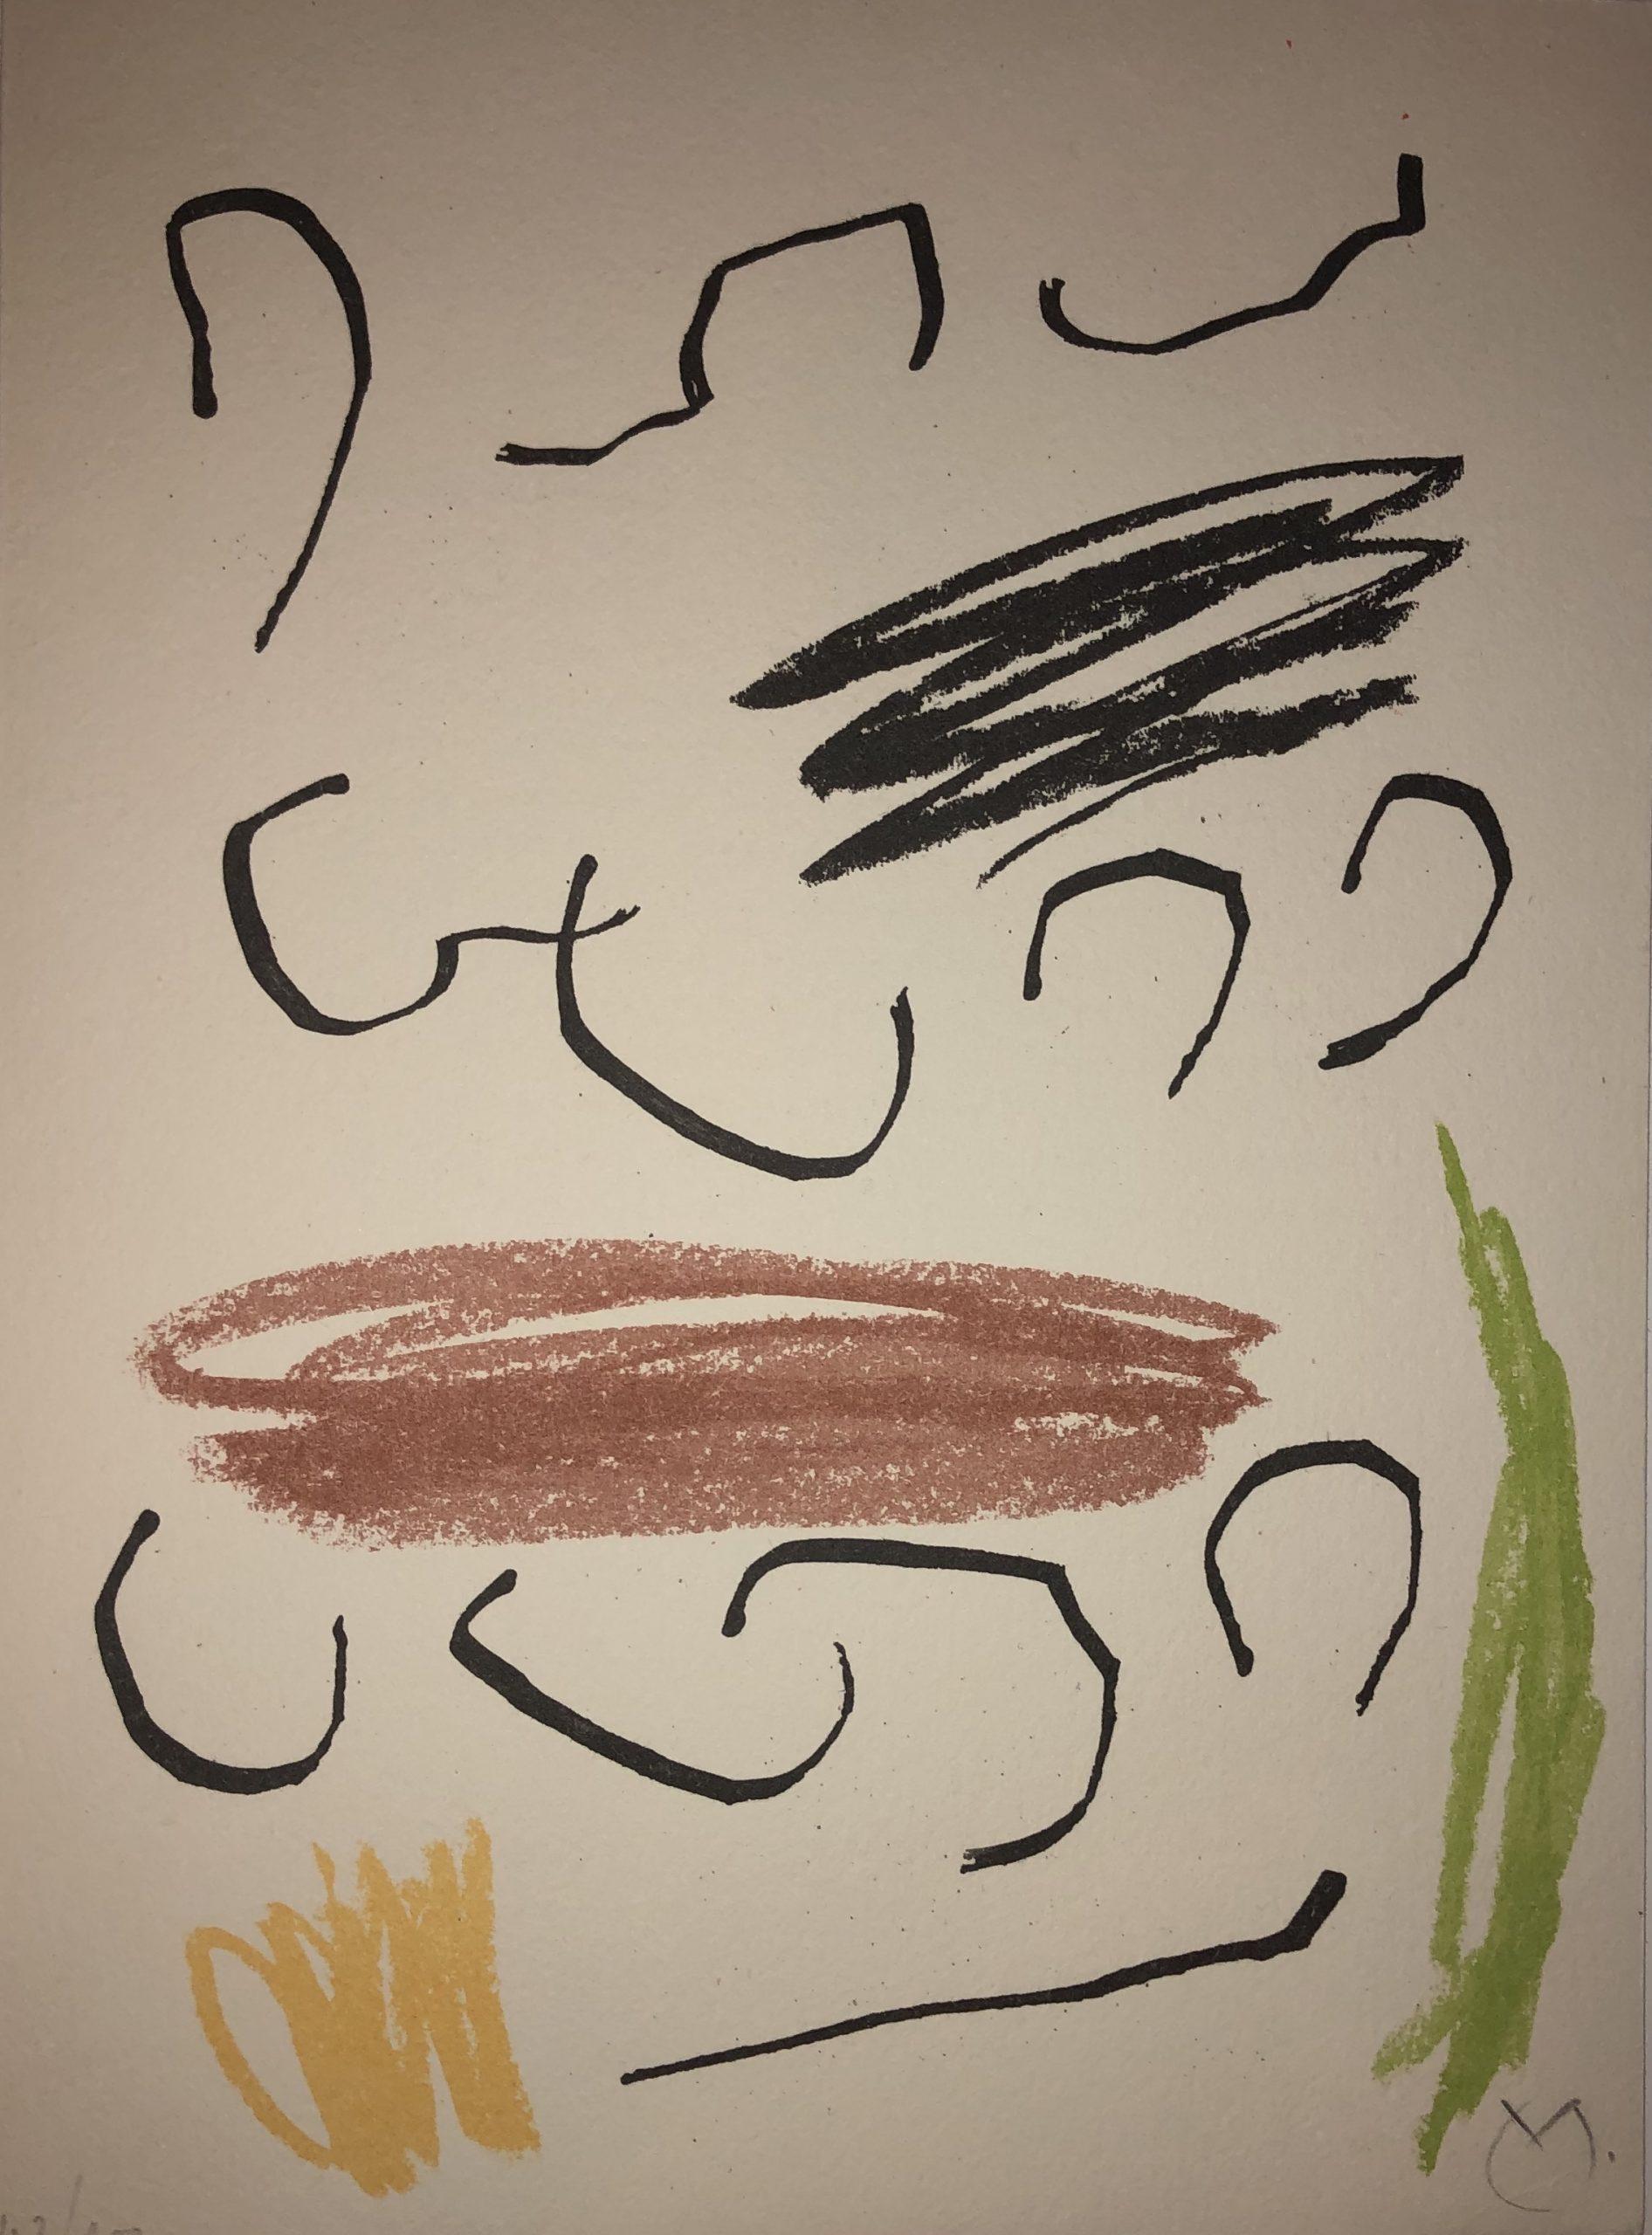 Obra Inedita Recent (plate VII) by Joan Miro